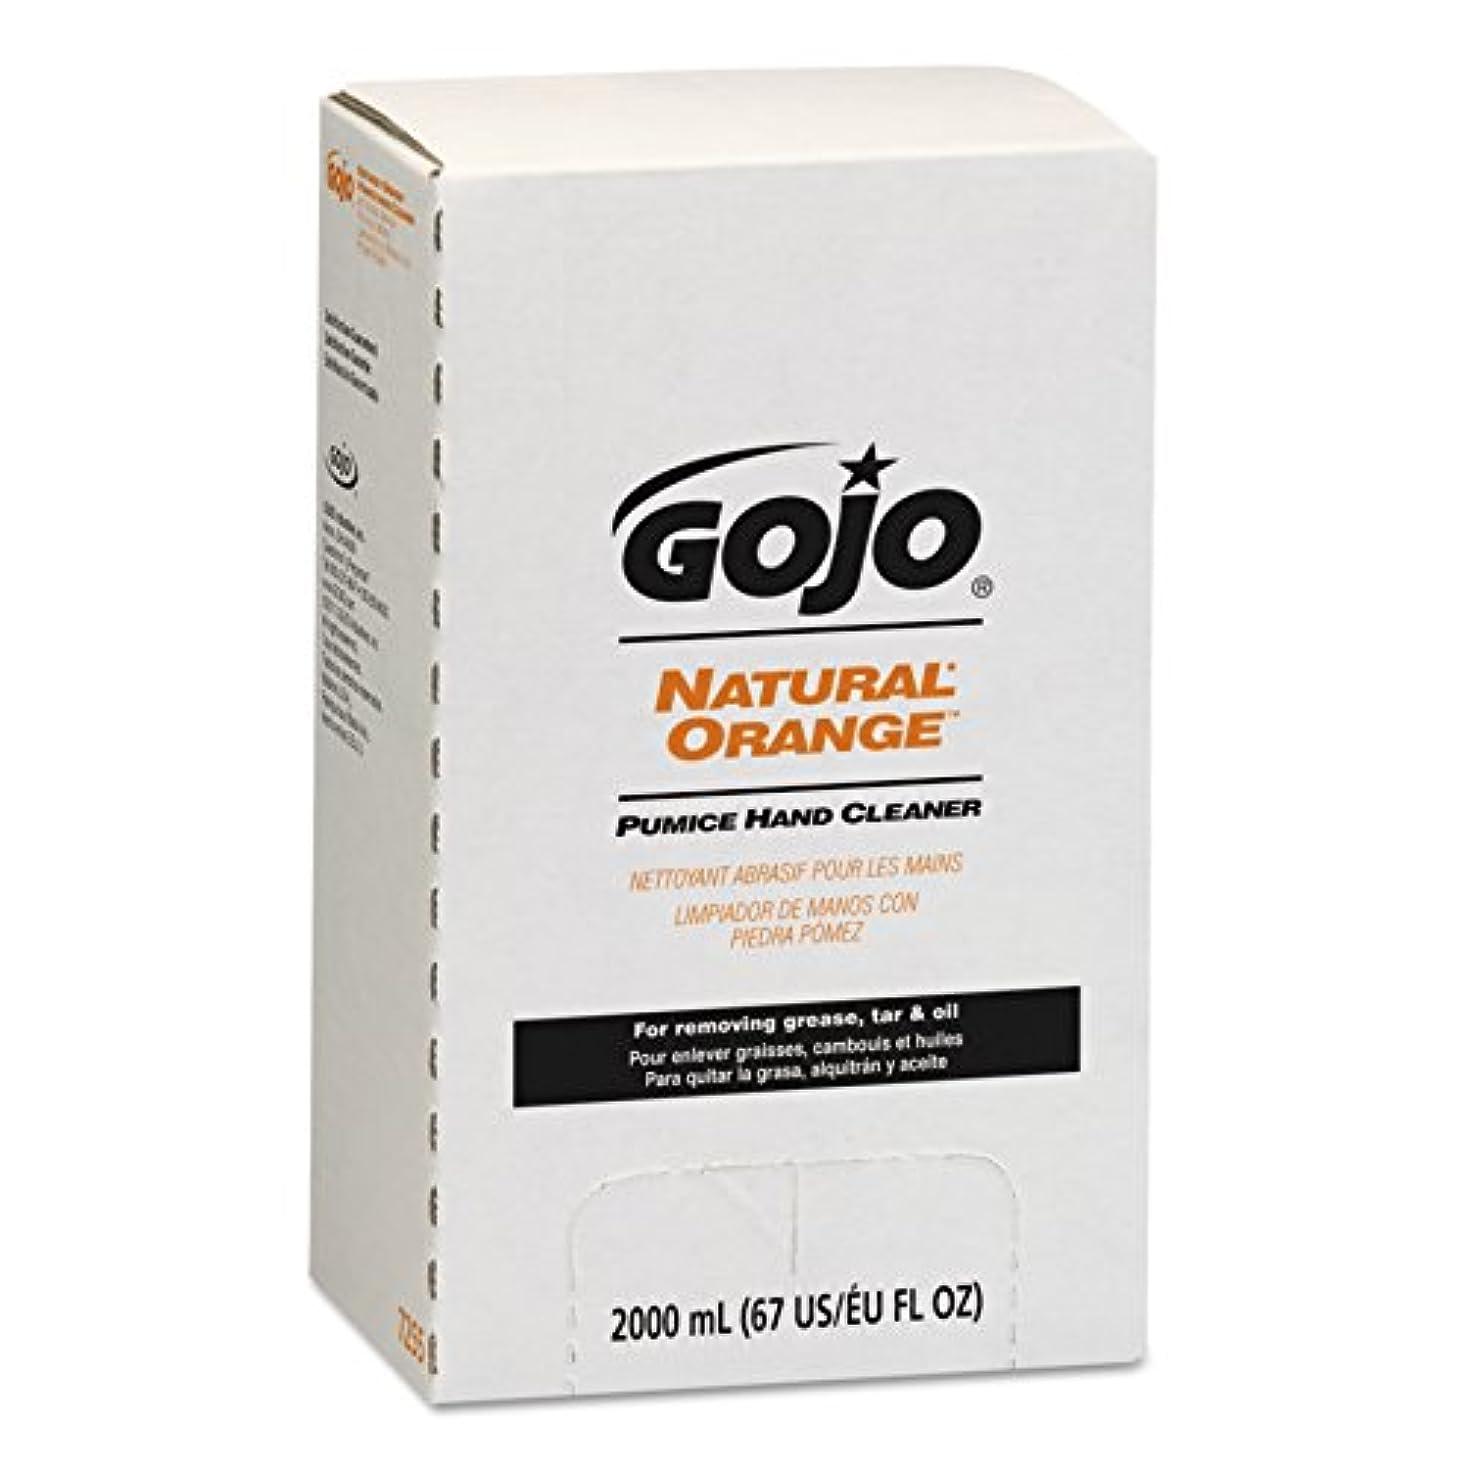 最近ポータージャンプNATURAL ORANGE Pumice Hand Cleaner Refill, Citrus Scent, 2000 mL, 4/Carton (並行輸入品)